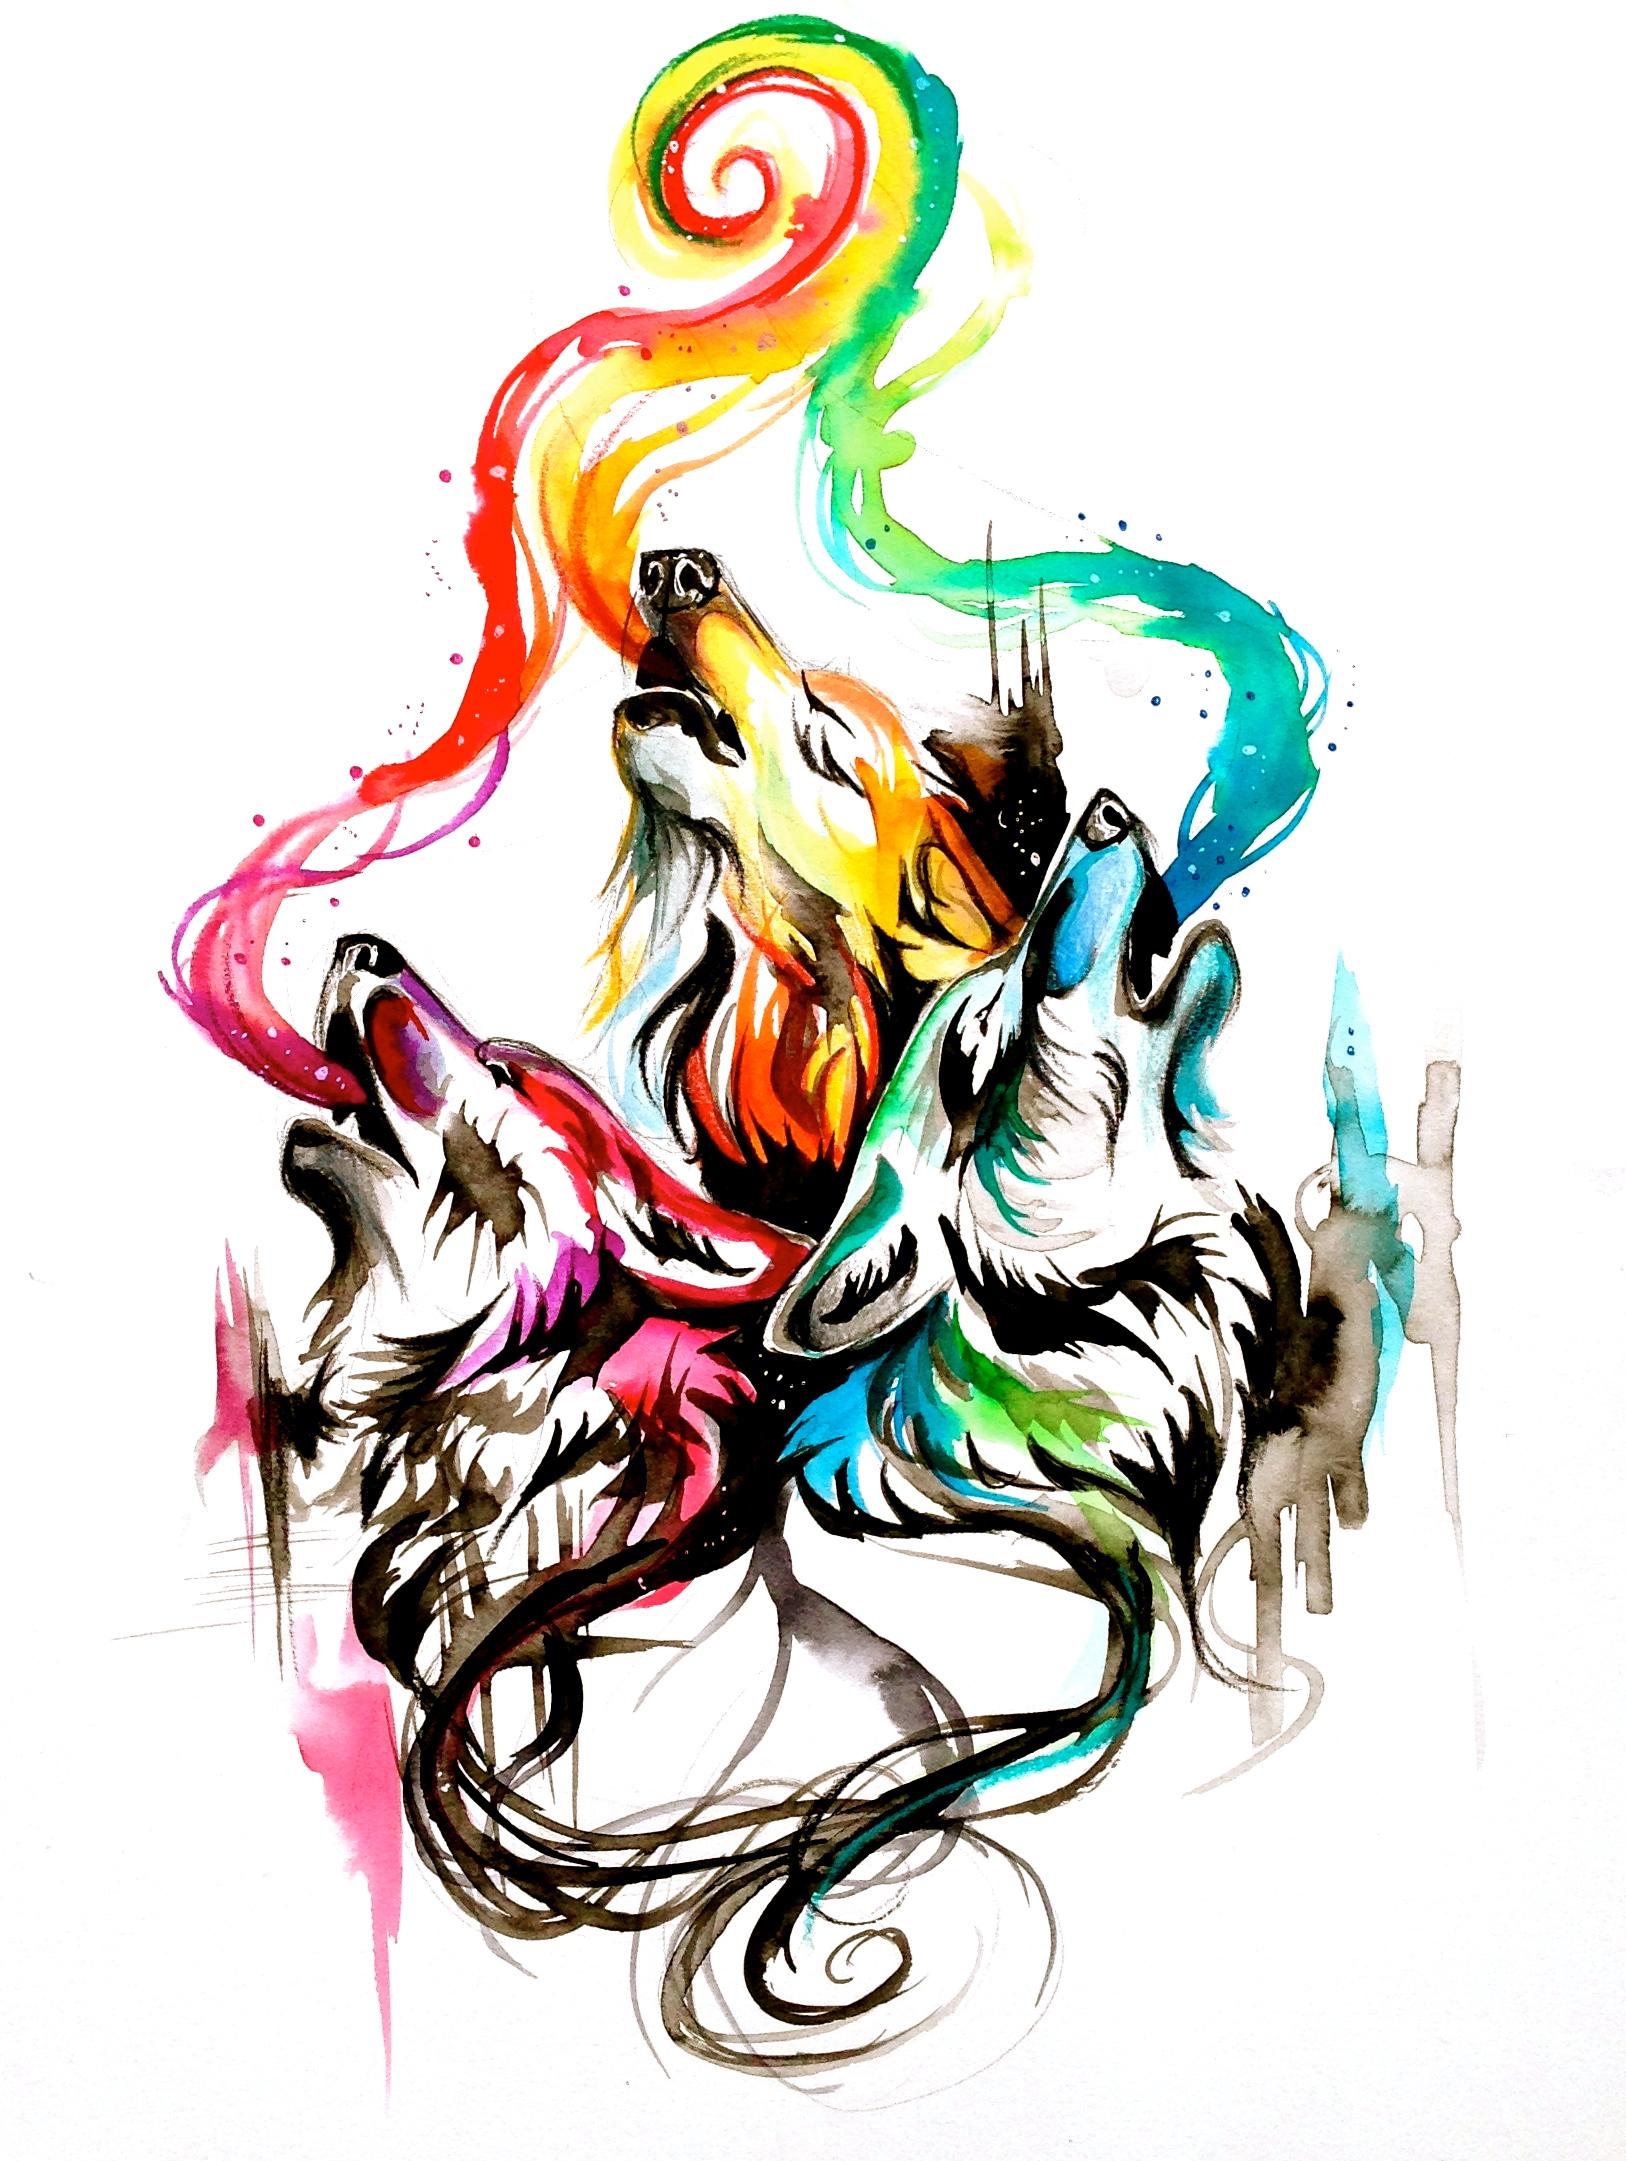 031feeb42 Howling wolf triad by lucky978 d7datnb original